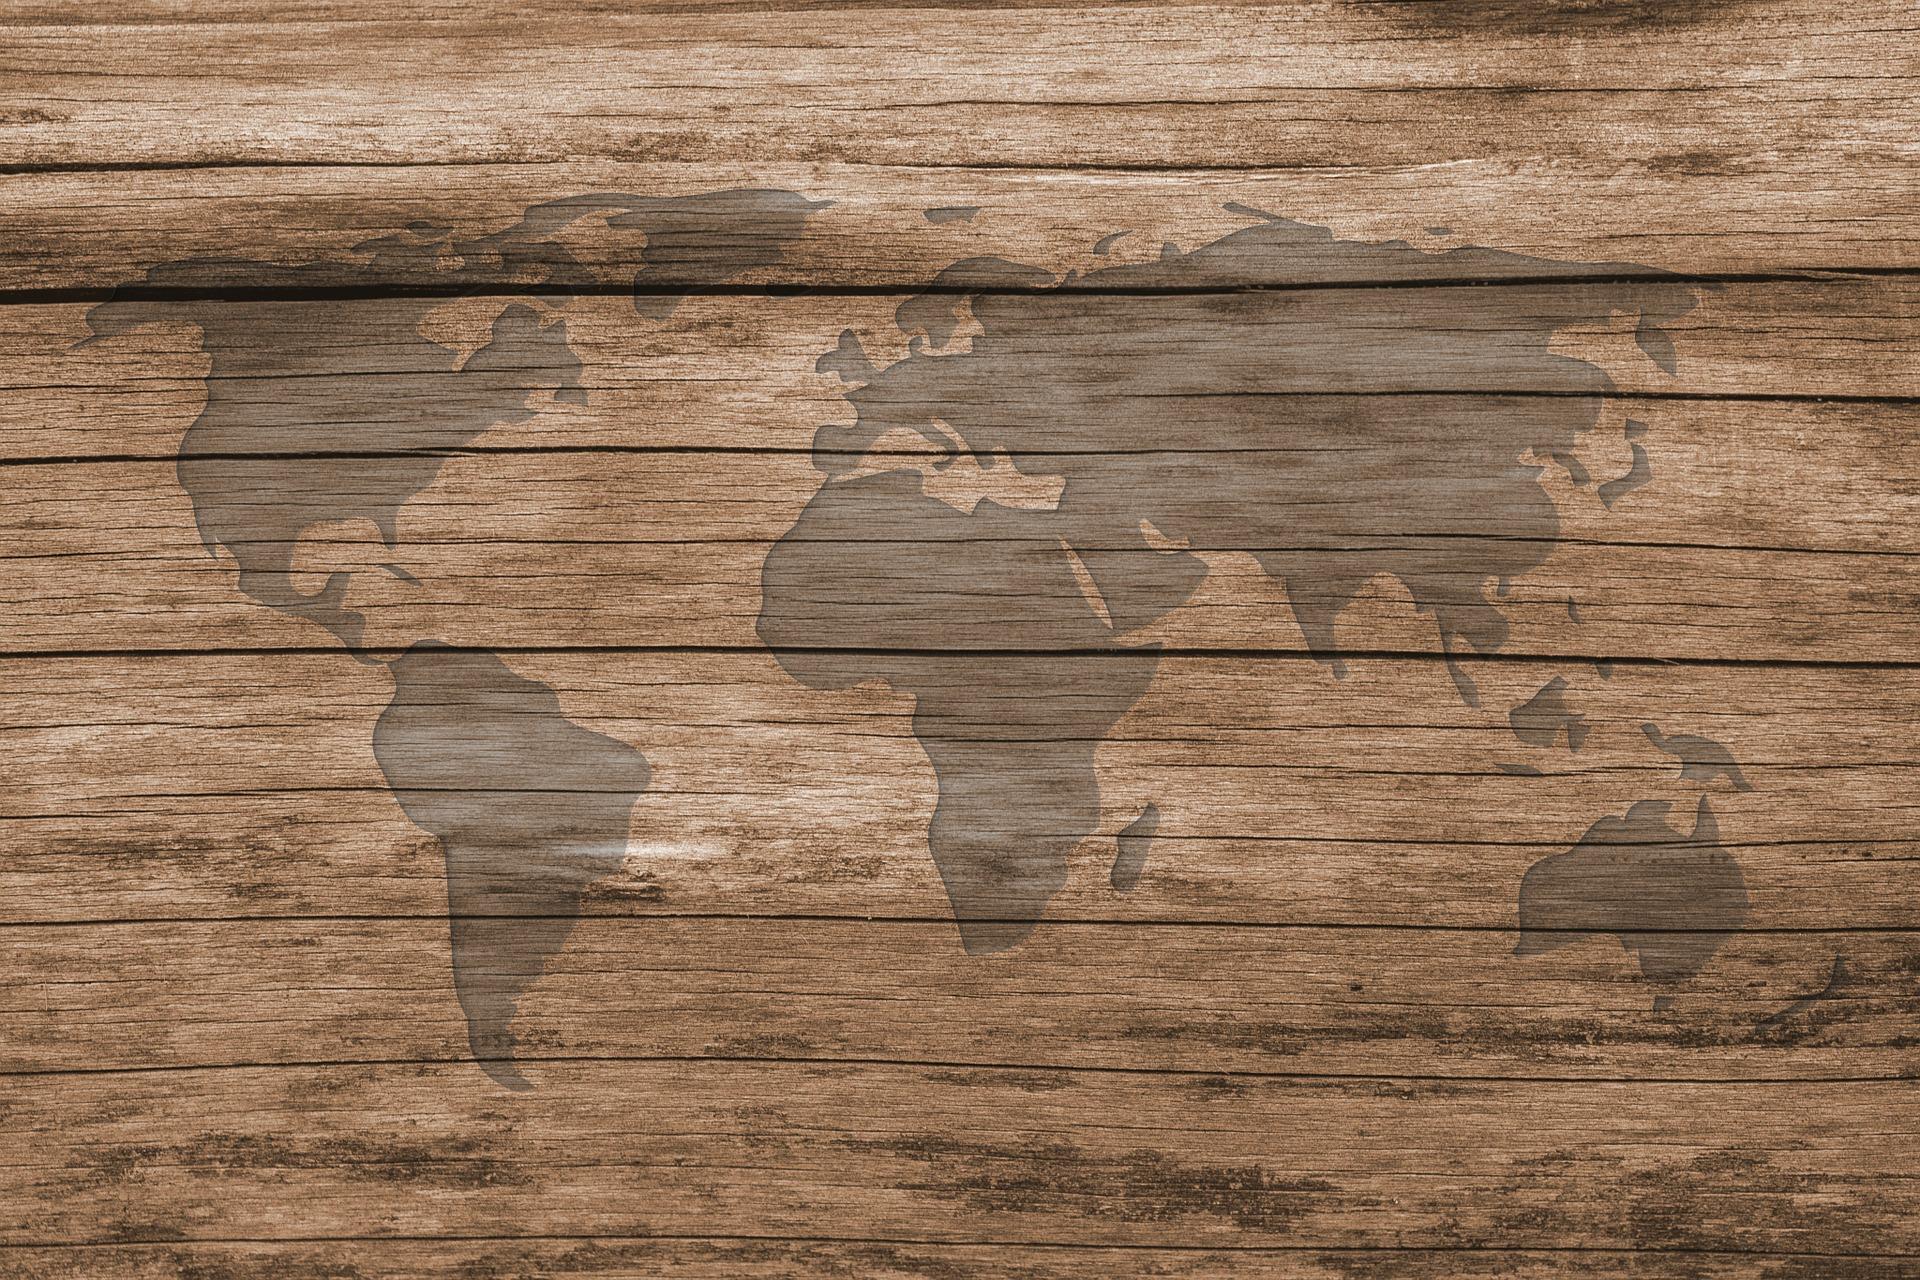 wood 591614 1920 Inicio  Inicio wood 591614 1920